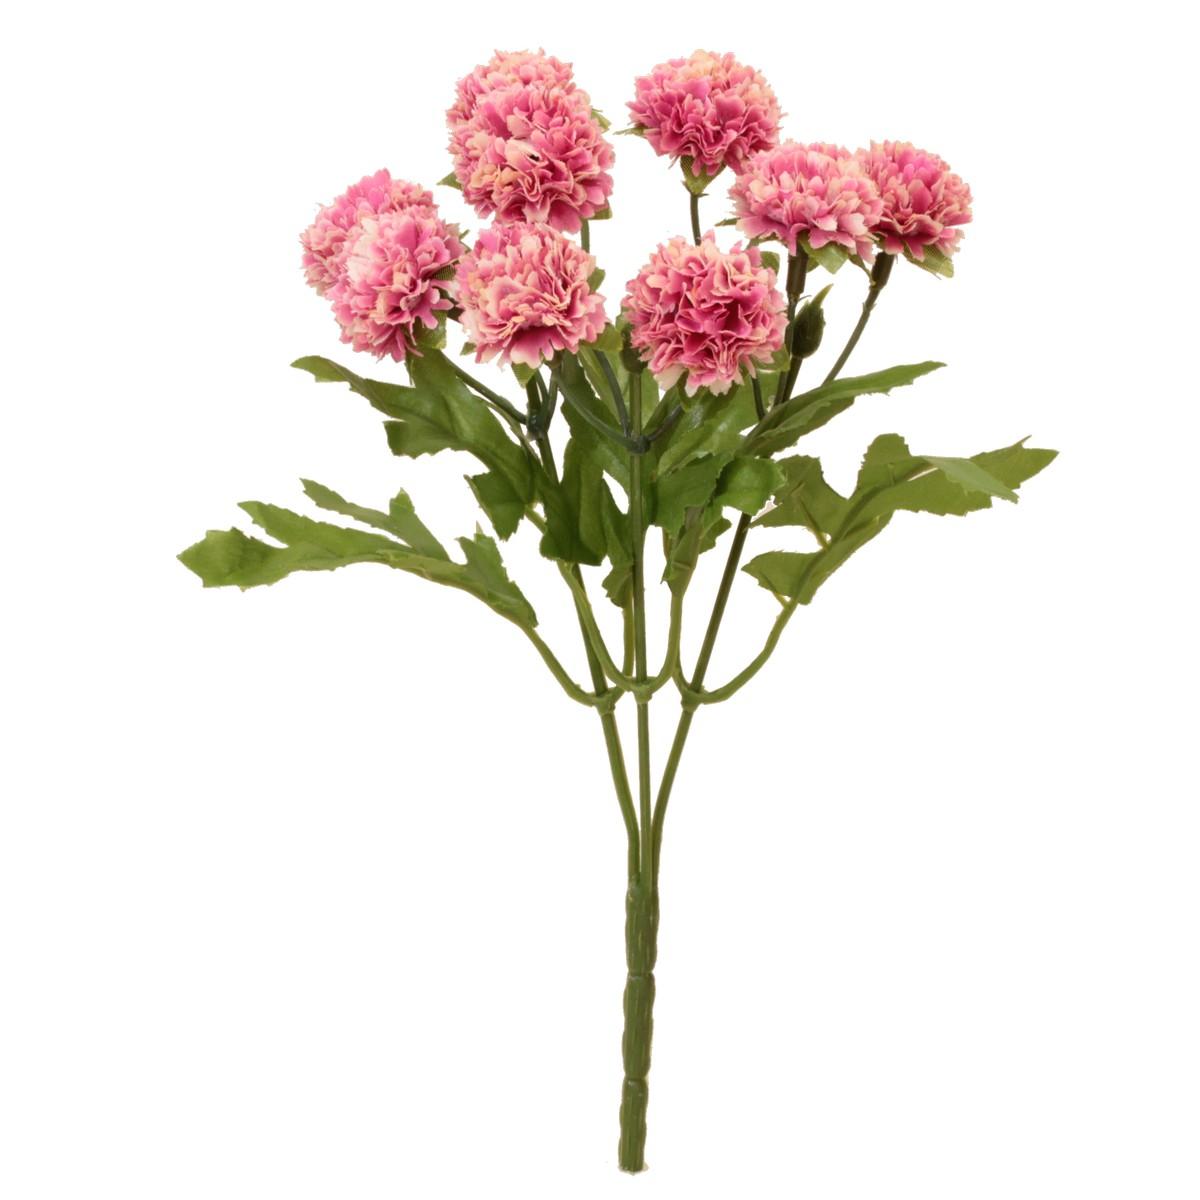 【造花】パレ/マムブッシュ モーウ゛/P-8282-30【01】【取寄】[24本]《 造花(アーティフィシャルフラワー) 造花 花材「か行」 キク(菊)・ピンポンマム 》